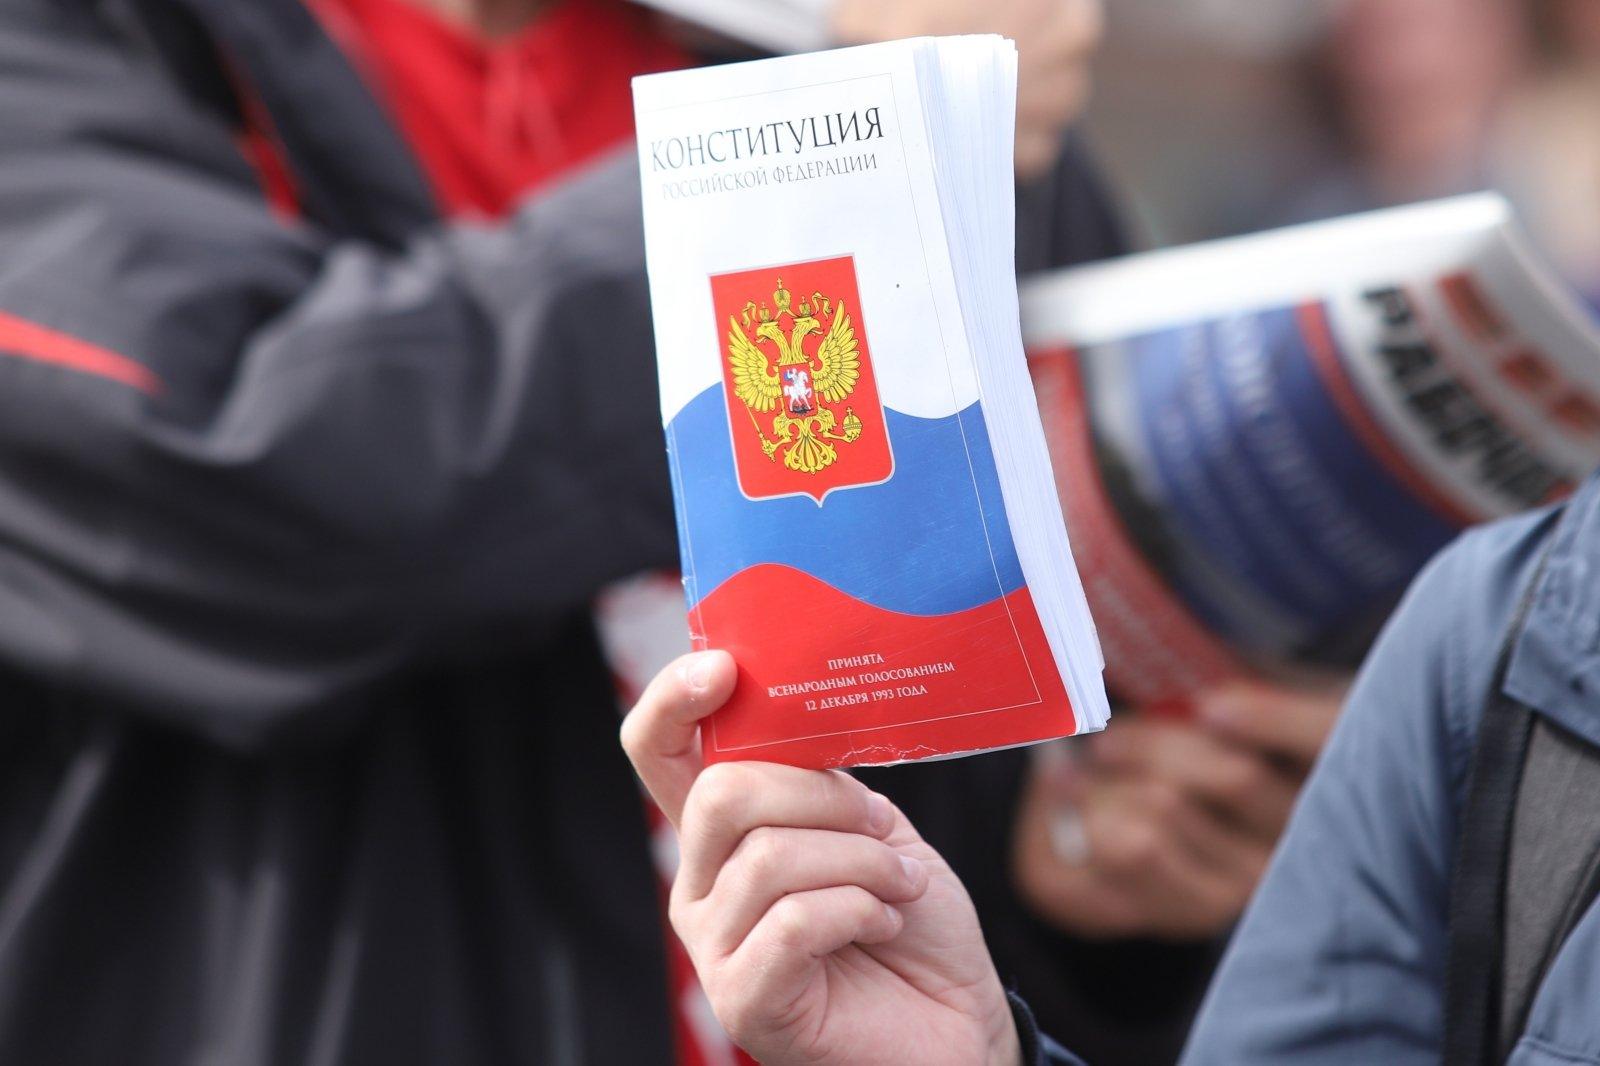 Комментарий: Инакомыслие в России объявляется преступлением